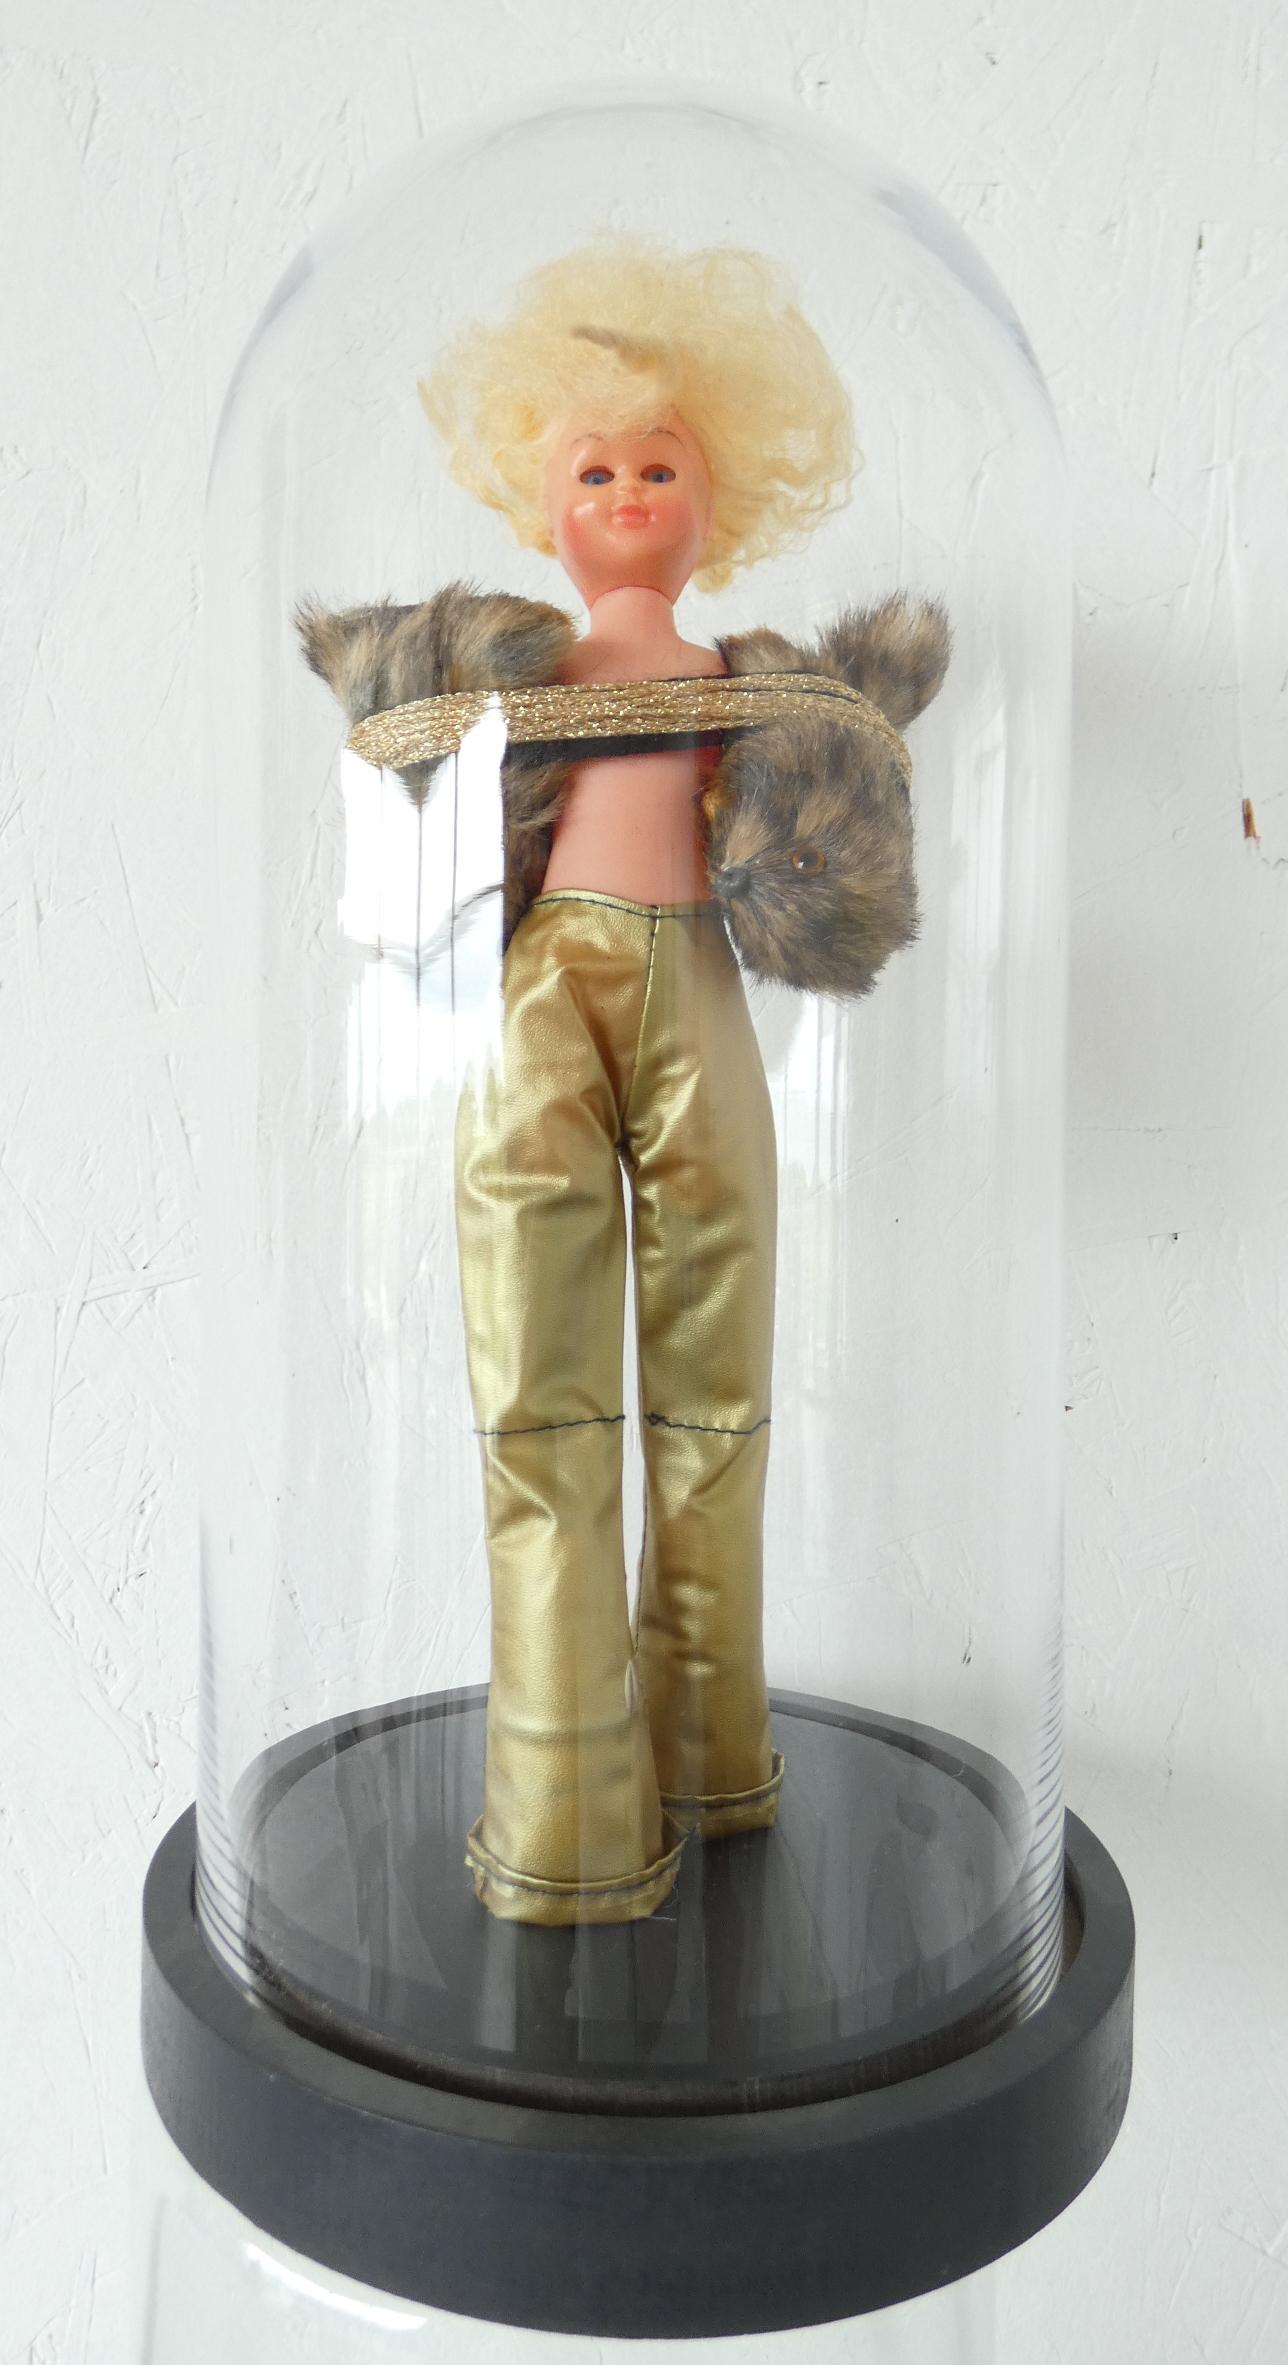 Beresterk stolpbeeld, kunstobject, kunstbeeld, artwork, kunstkopen, textielkunst, dutch artist Wietske Lycklama à Nijeholt